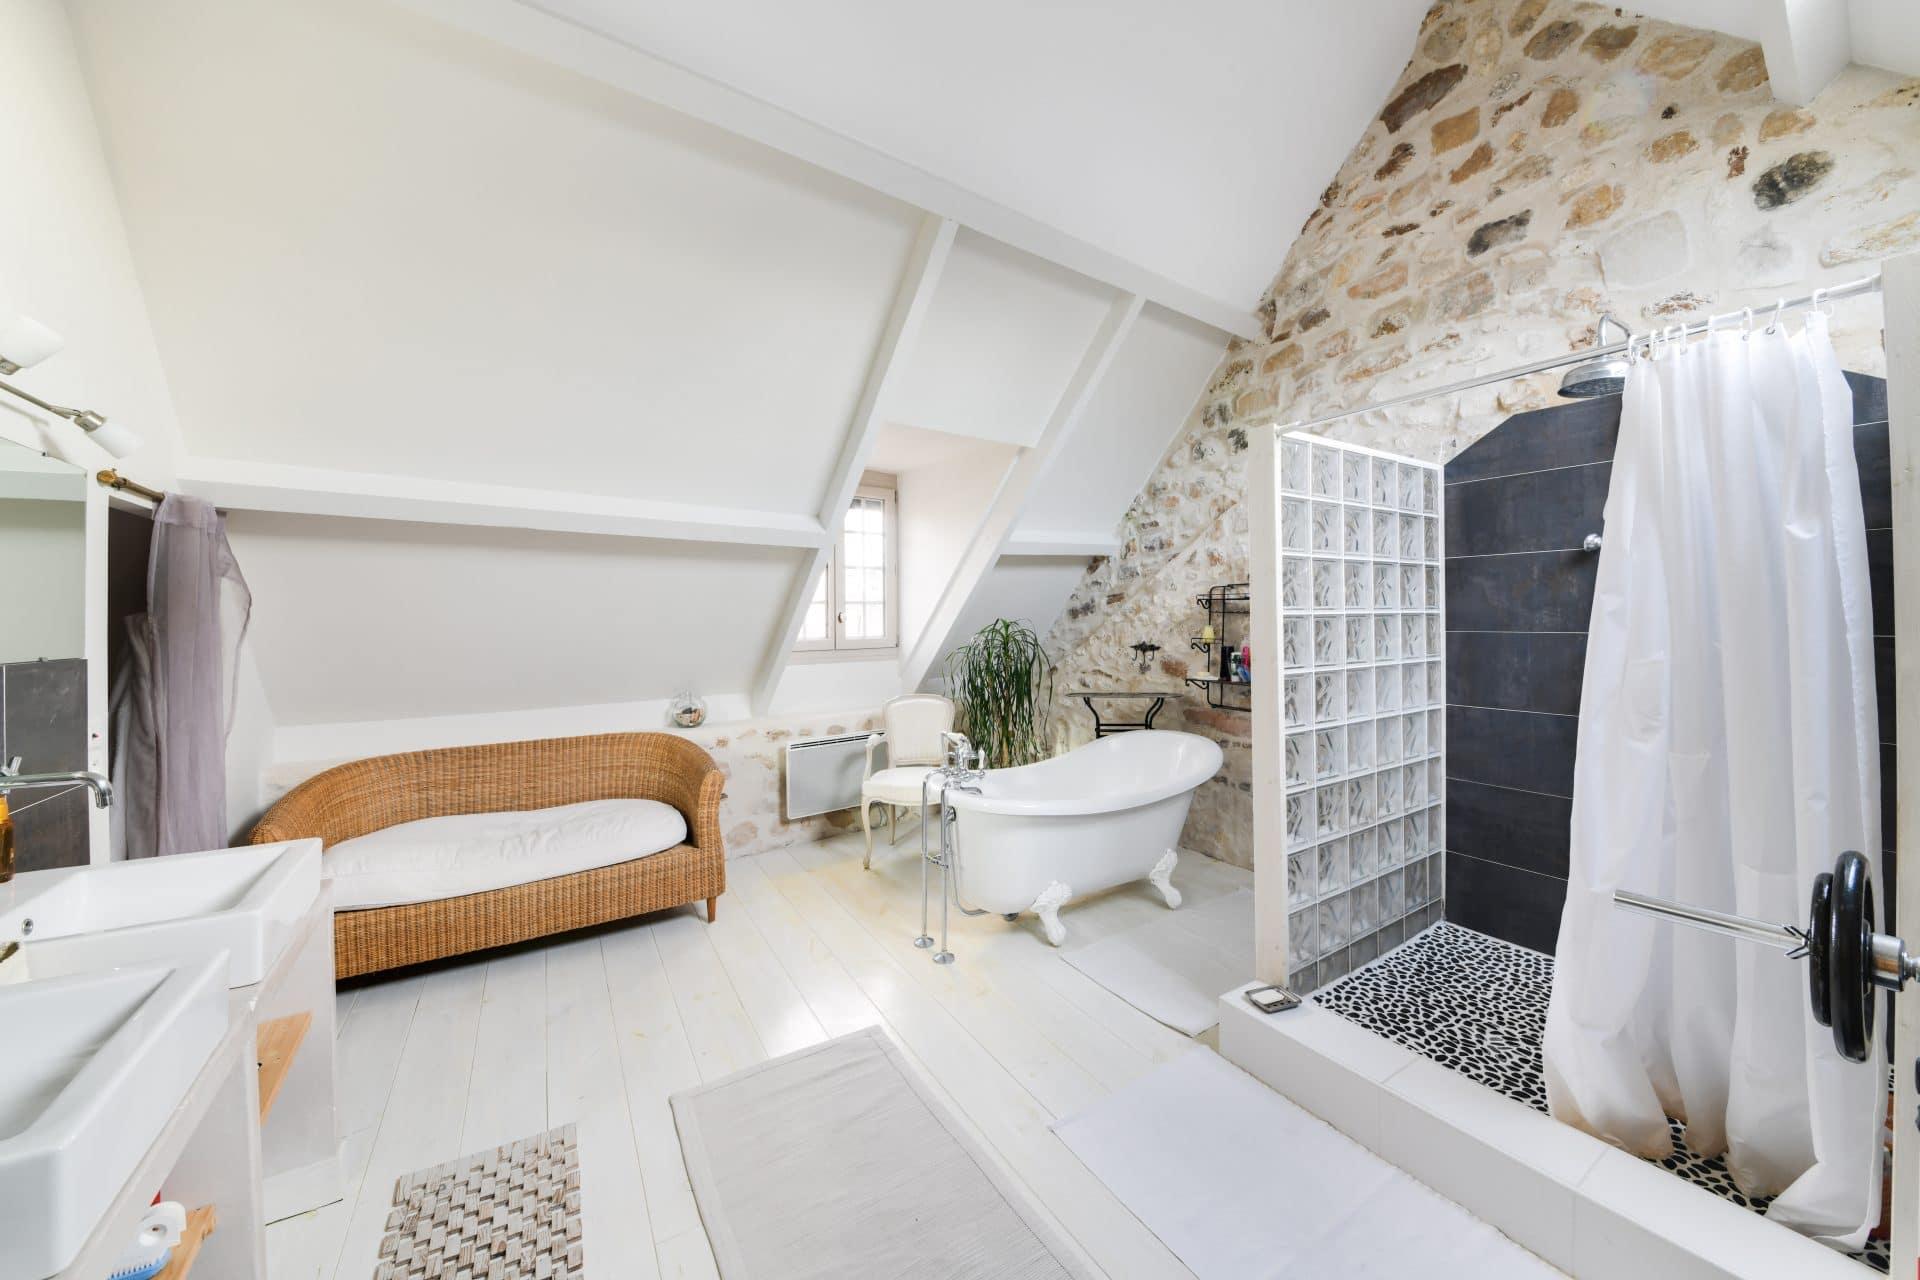 Installer et choisir sa douche de salle de bain